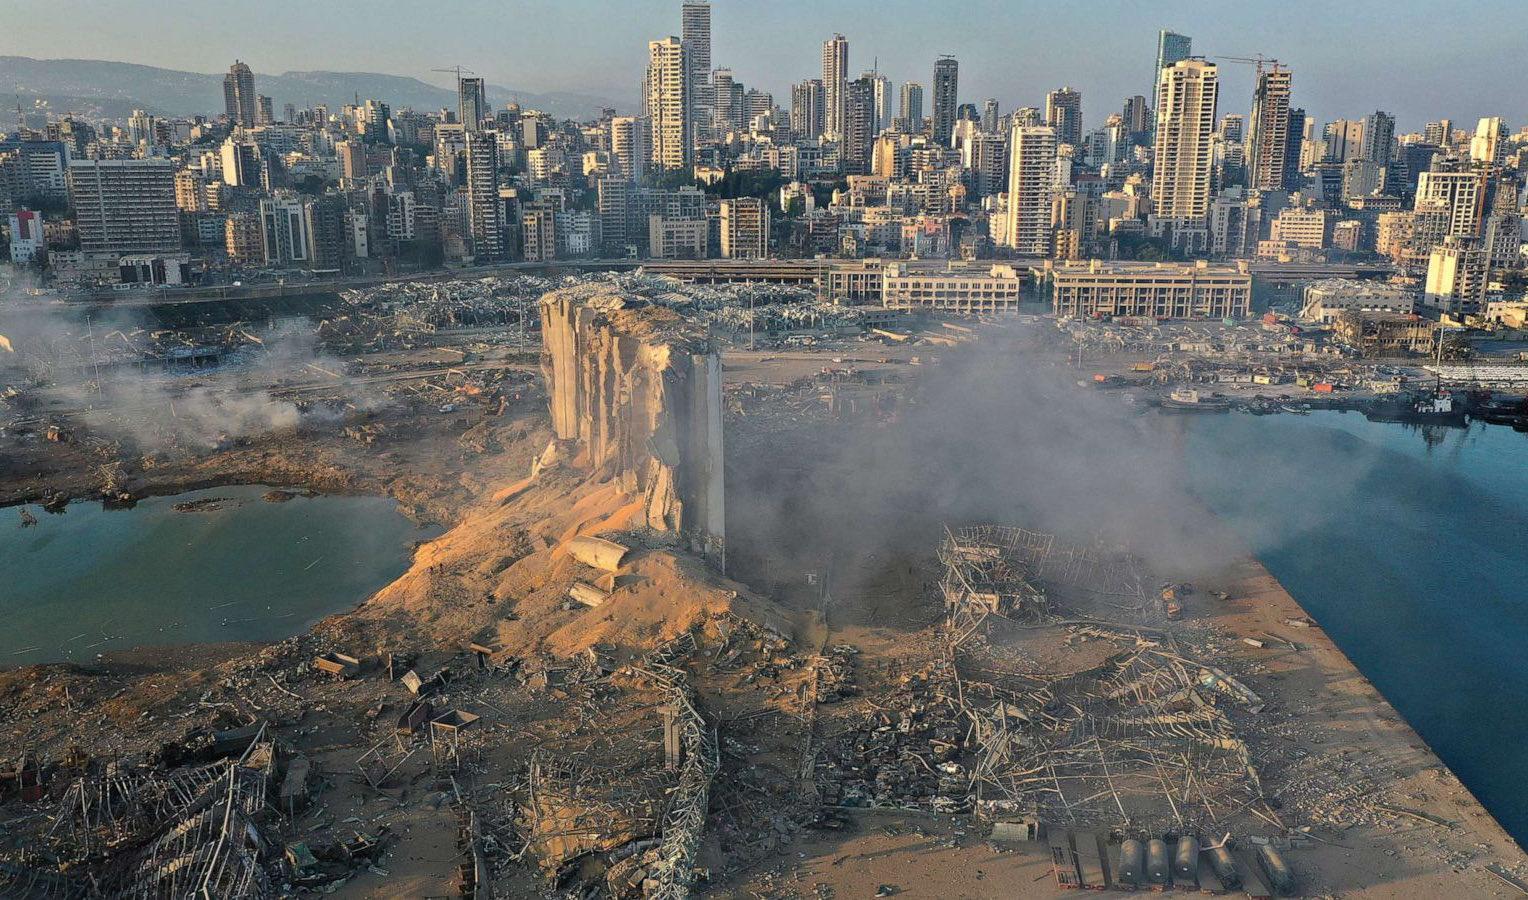 cenário de destruição após o incêndio com nitrato de amônio em Beirute